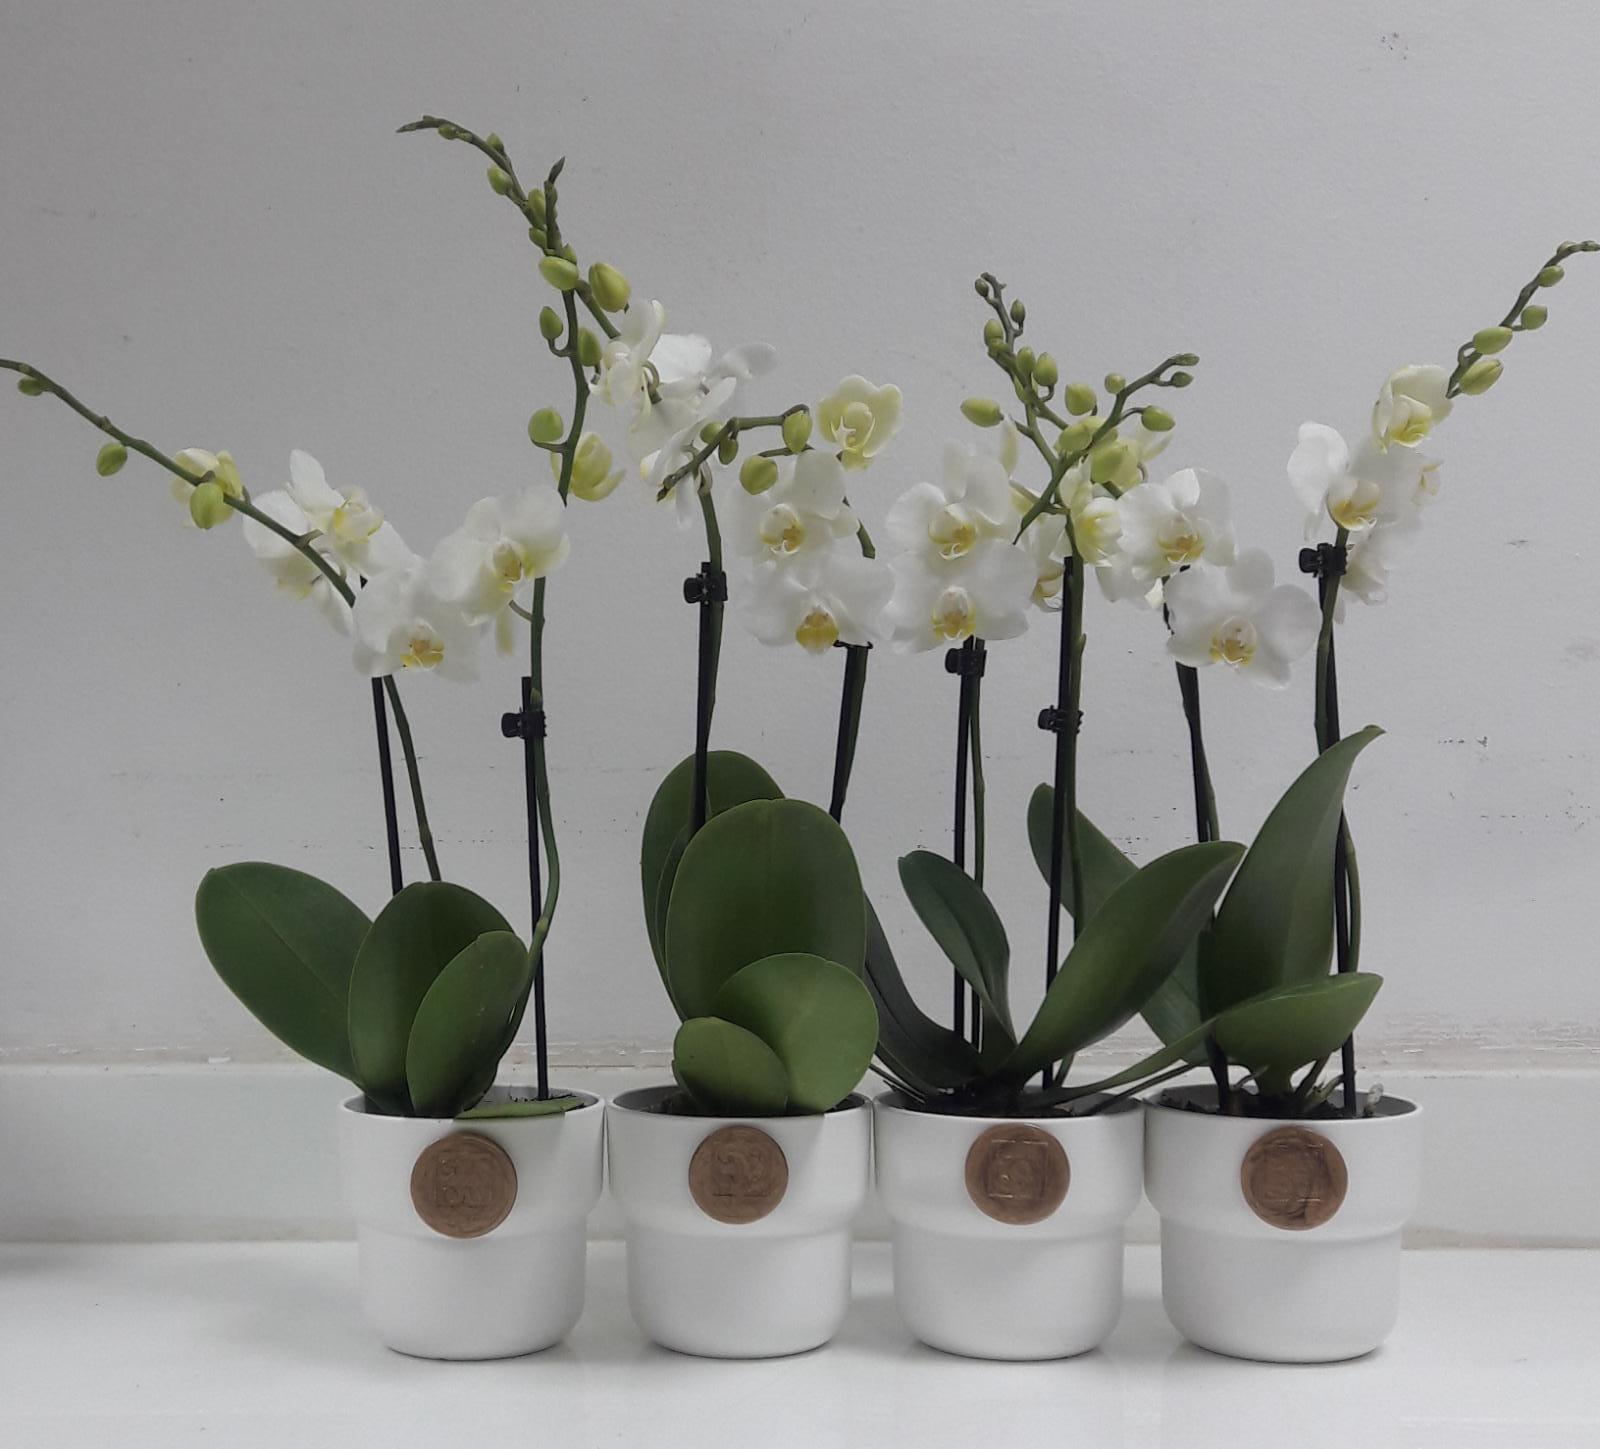 مجموعة ميني اوركيد 1 نباتات للمكاتب